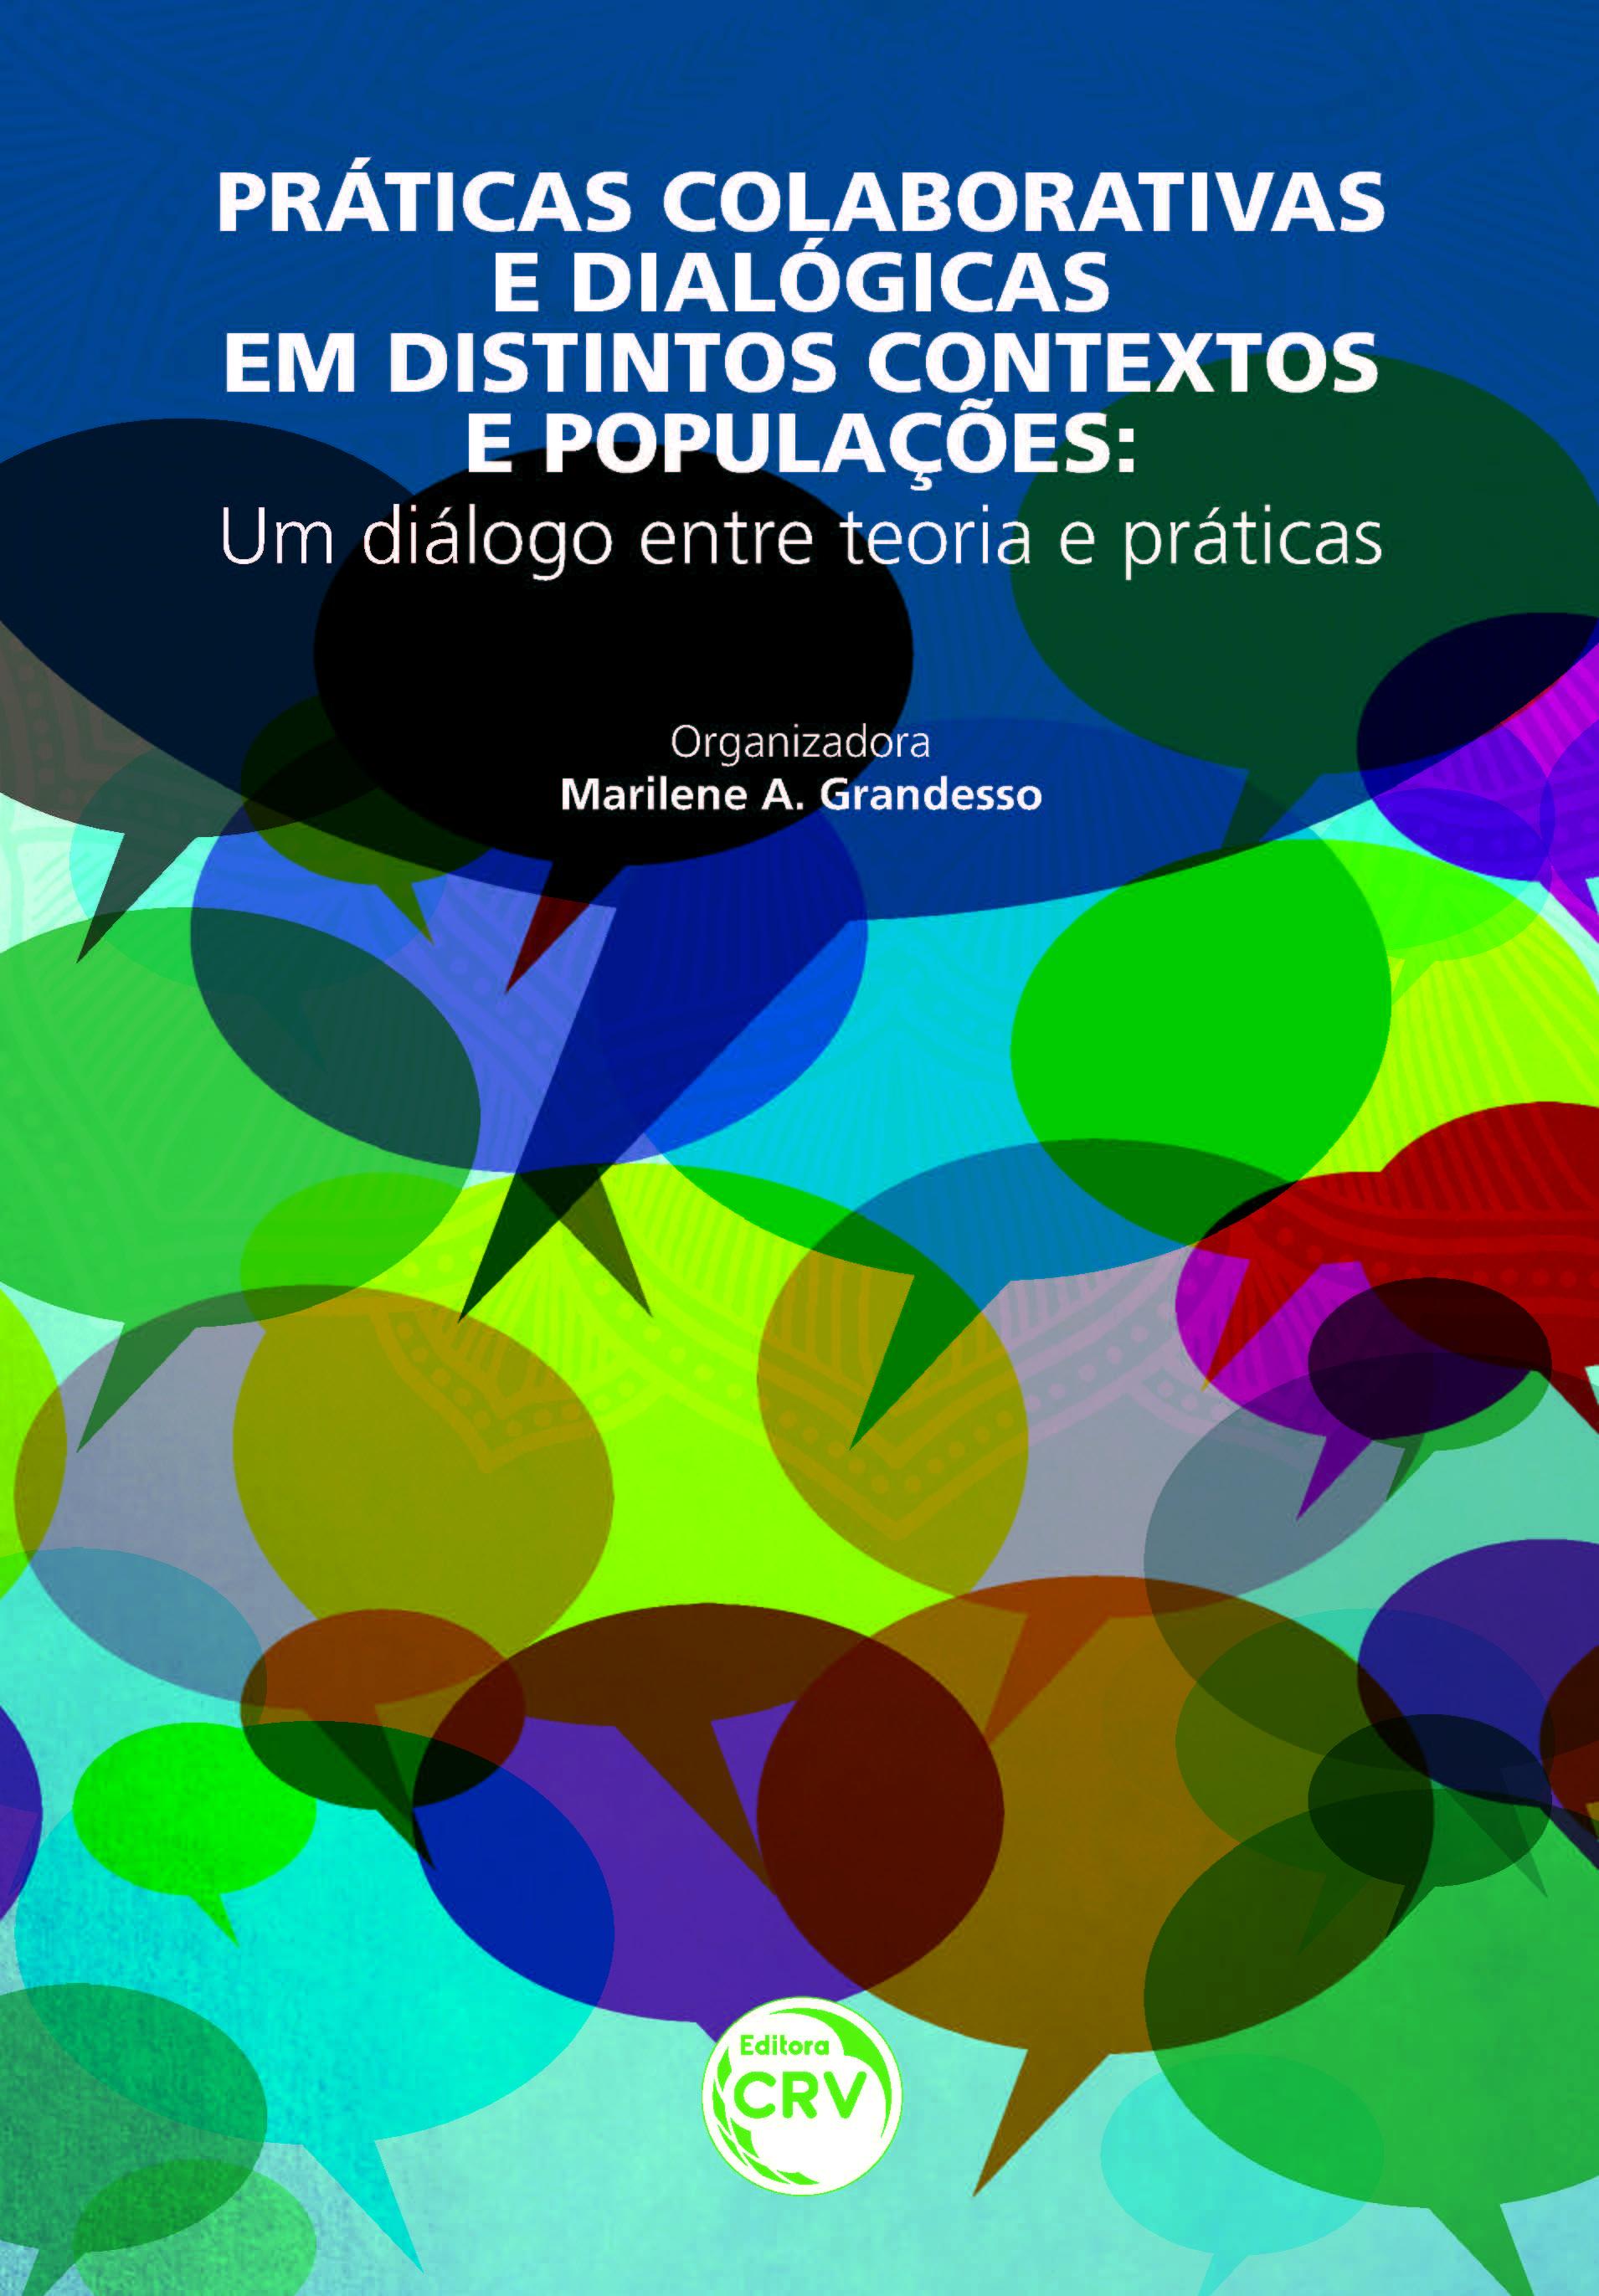 Capa do livro: PRÁTICAS COLABORATIVAS E DIALÓGICAS EM DISTINTOS CONTEXTOS E POPULAÇÕES:<br>um diálogo entre teoria e práticas